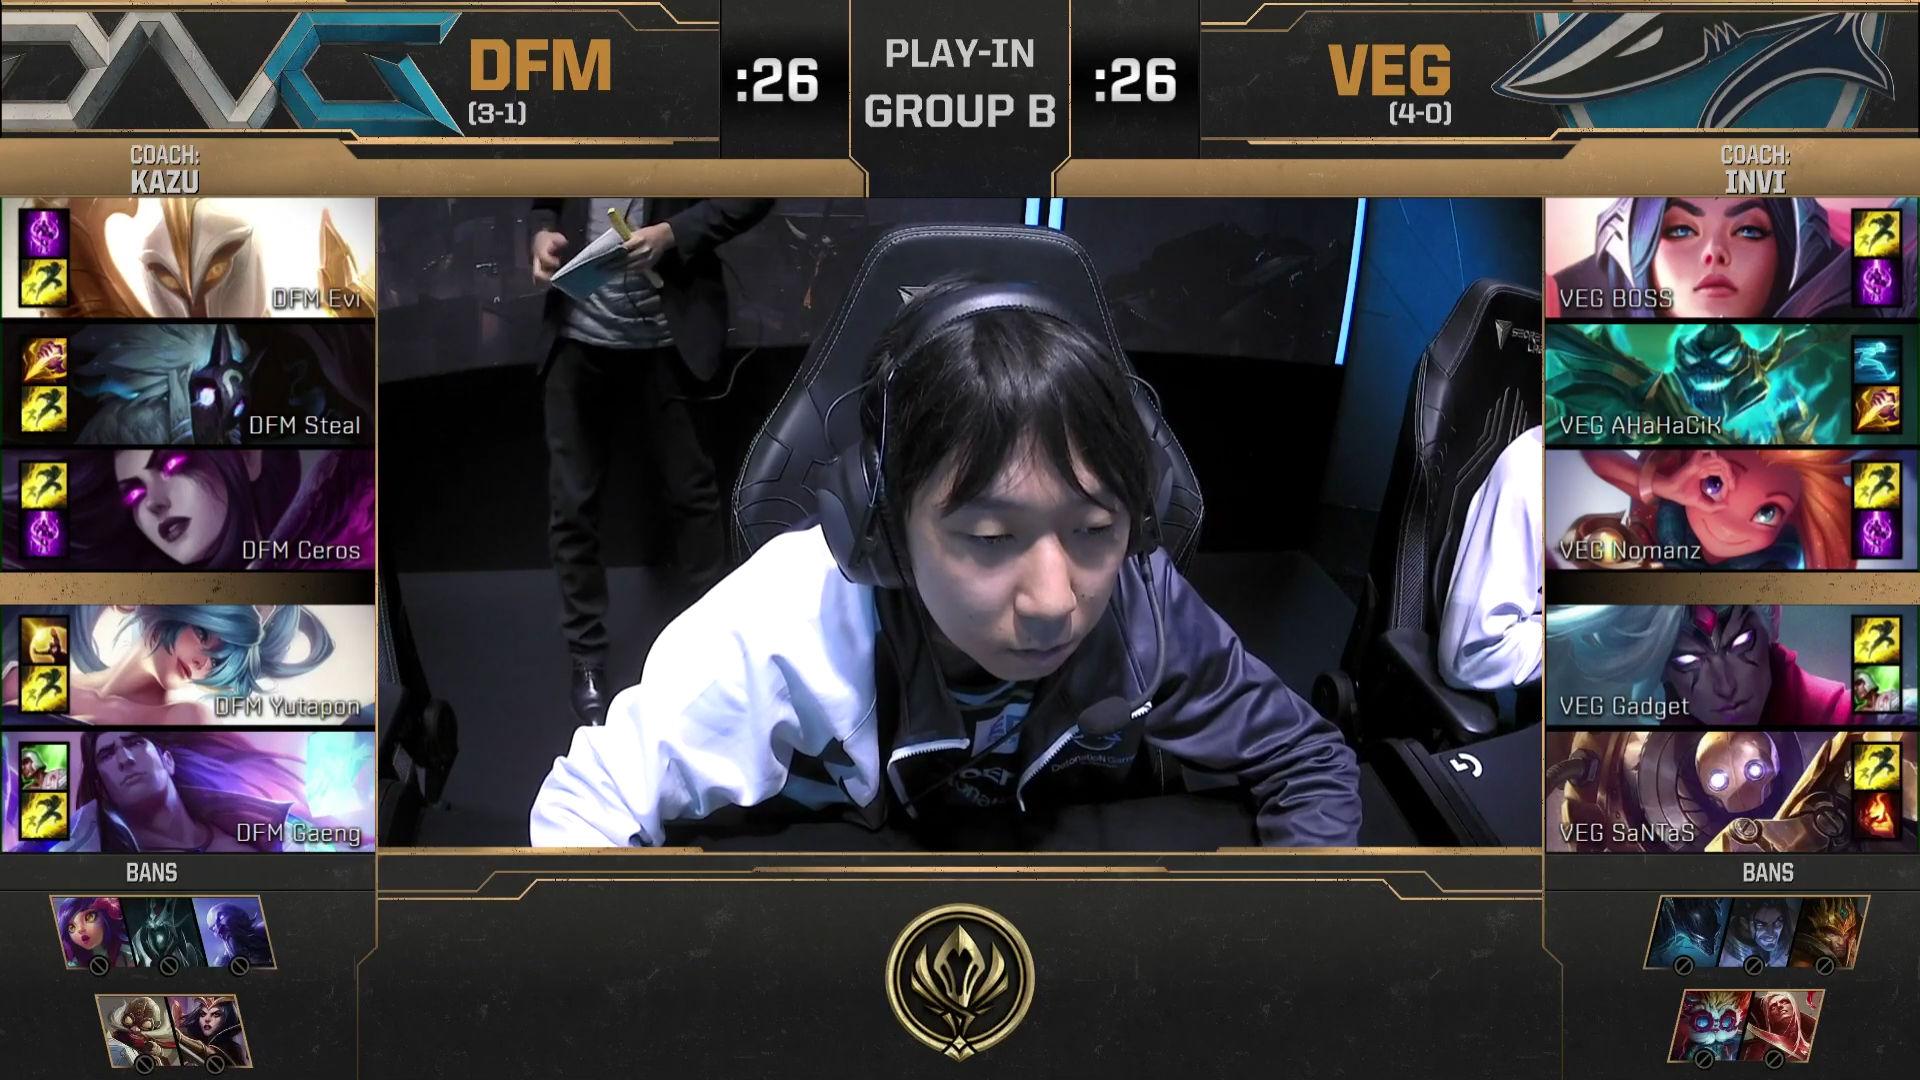 【战报】DFM三无敌阵容输出不足,VEG锁定晋级下一轮